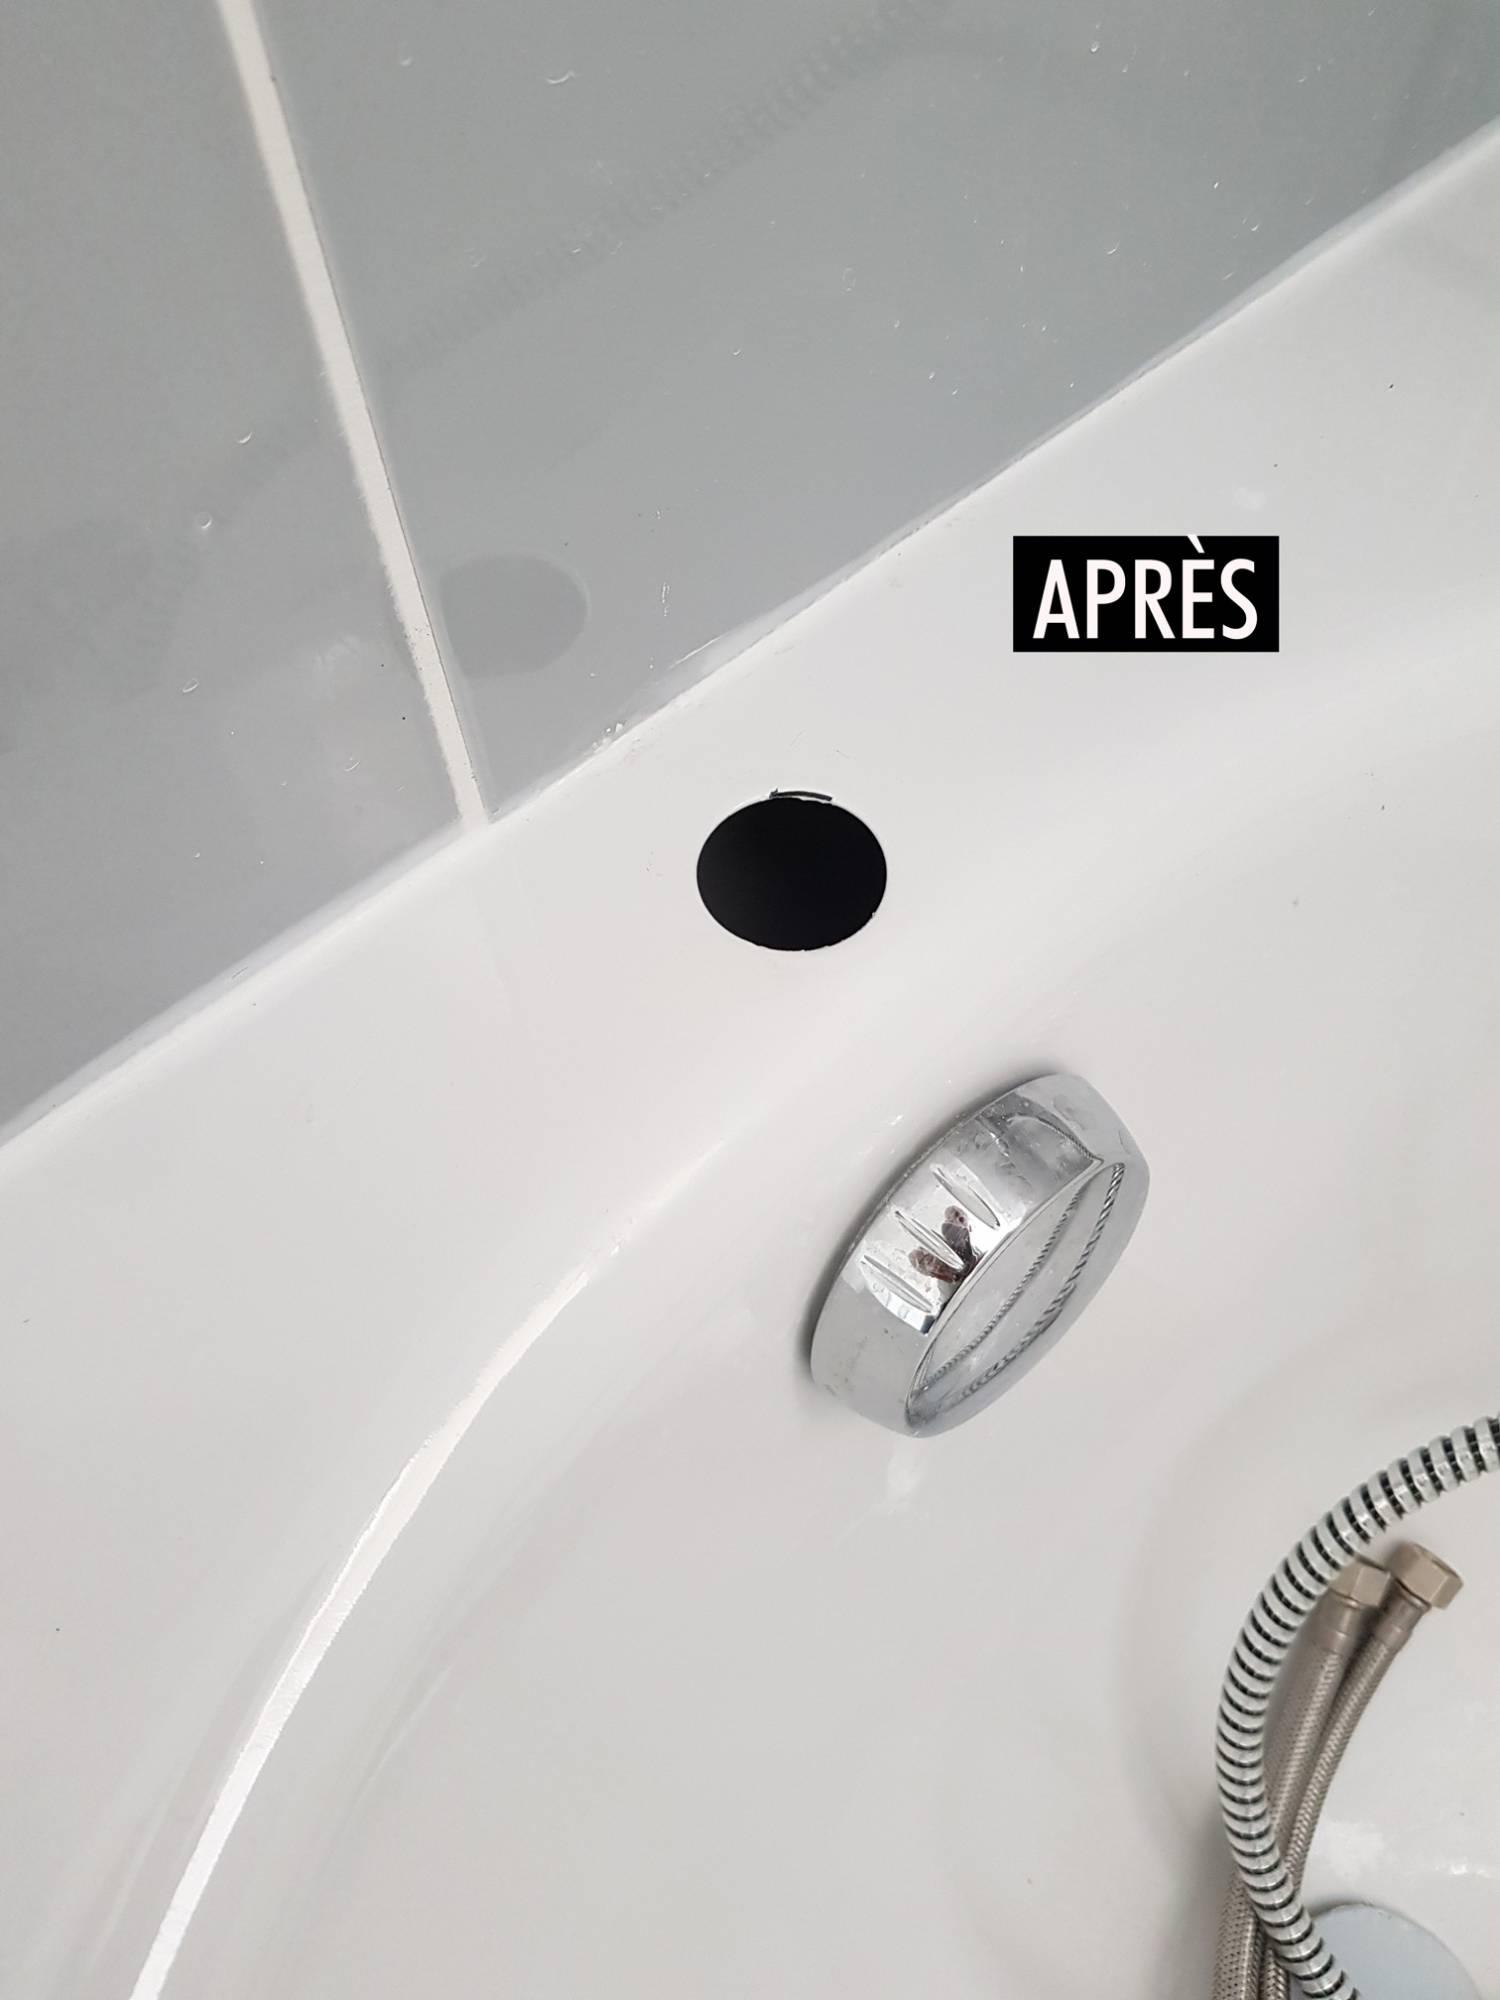 Reparation D Eclats Baignoire Sur Paris Renovbain